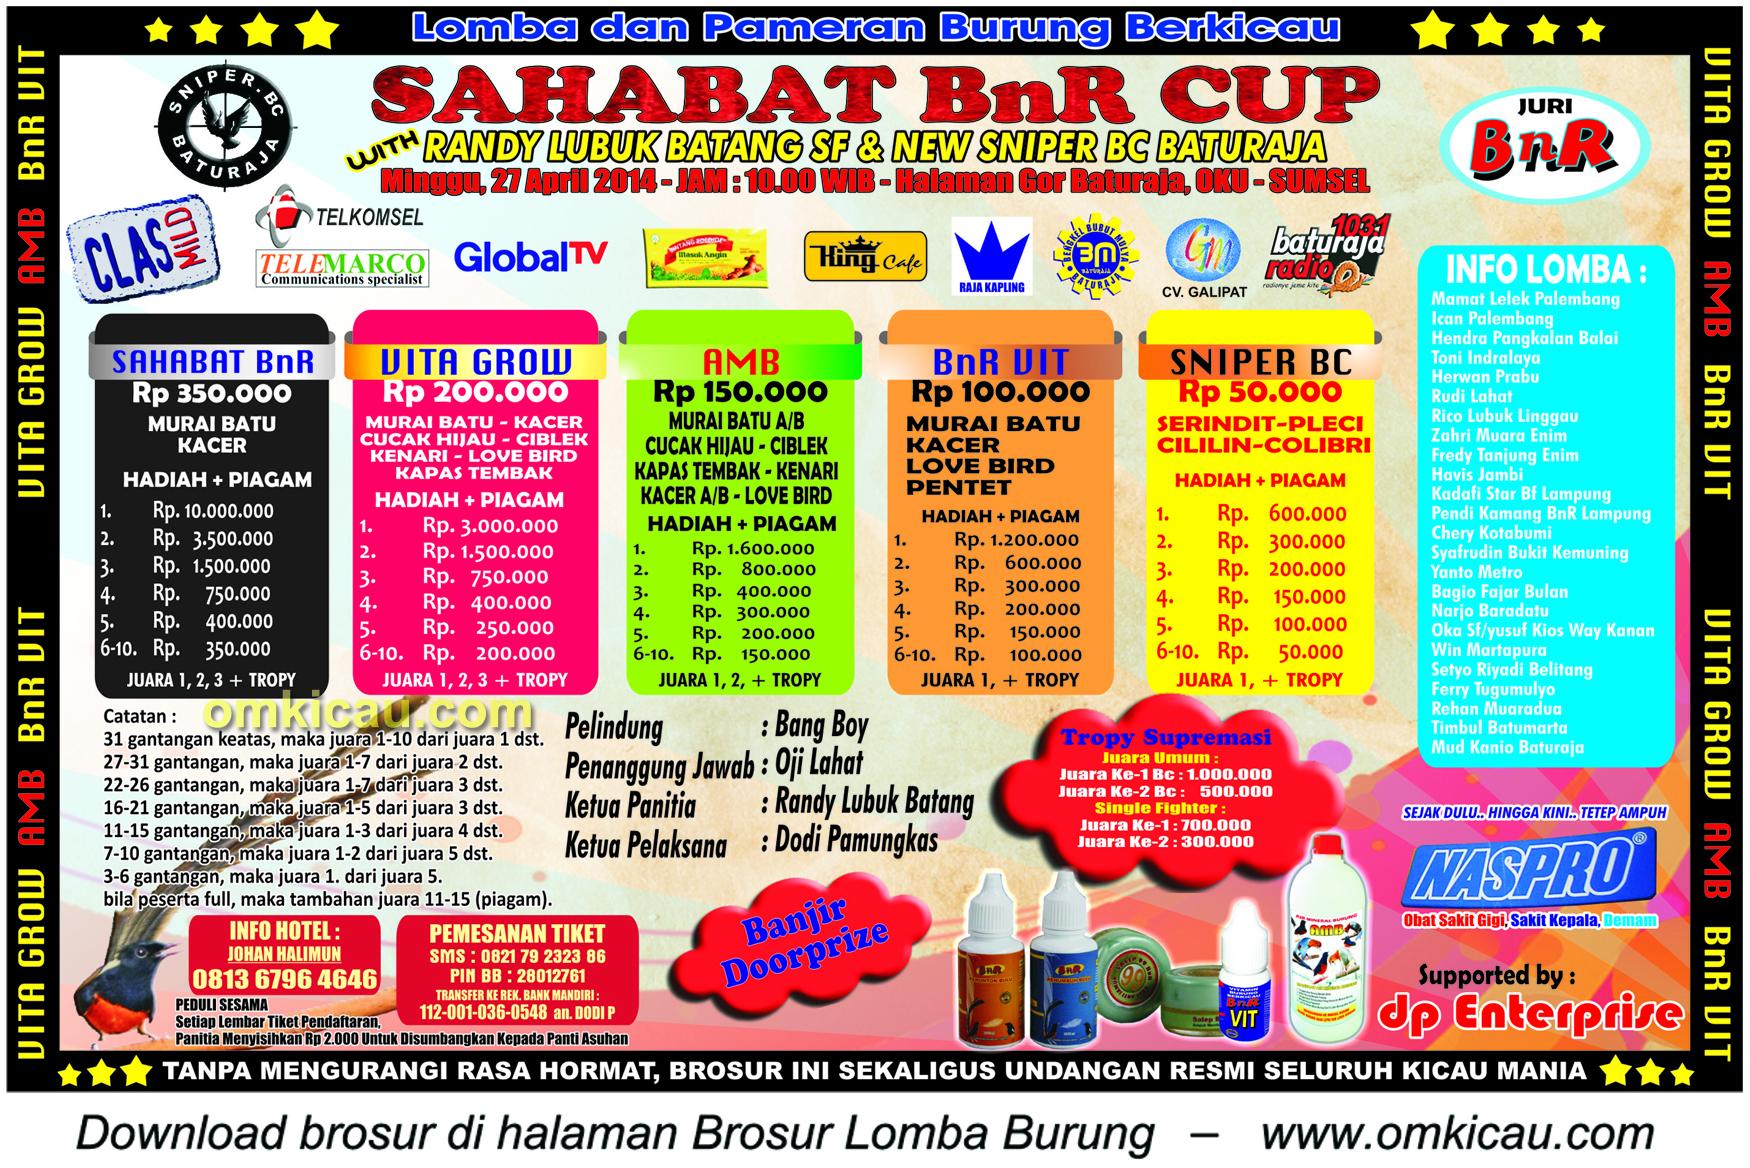 Brosur Lomba Burung Berkicau Sahabat BnR Cup, OKU, 27 April 2014